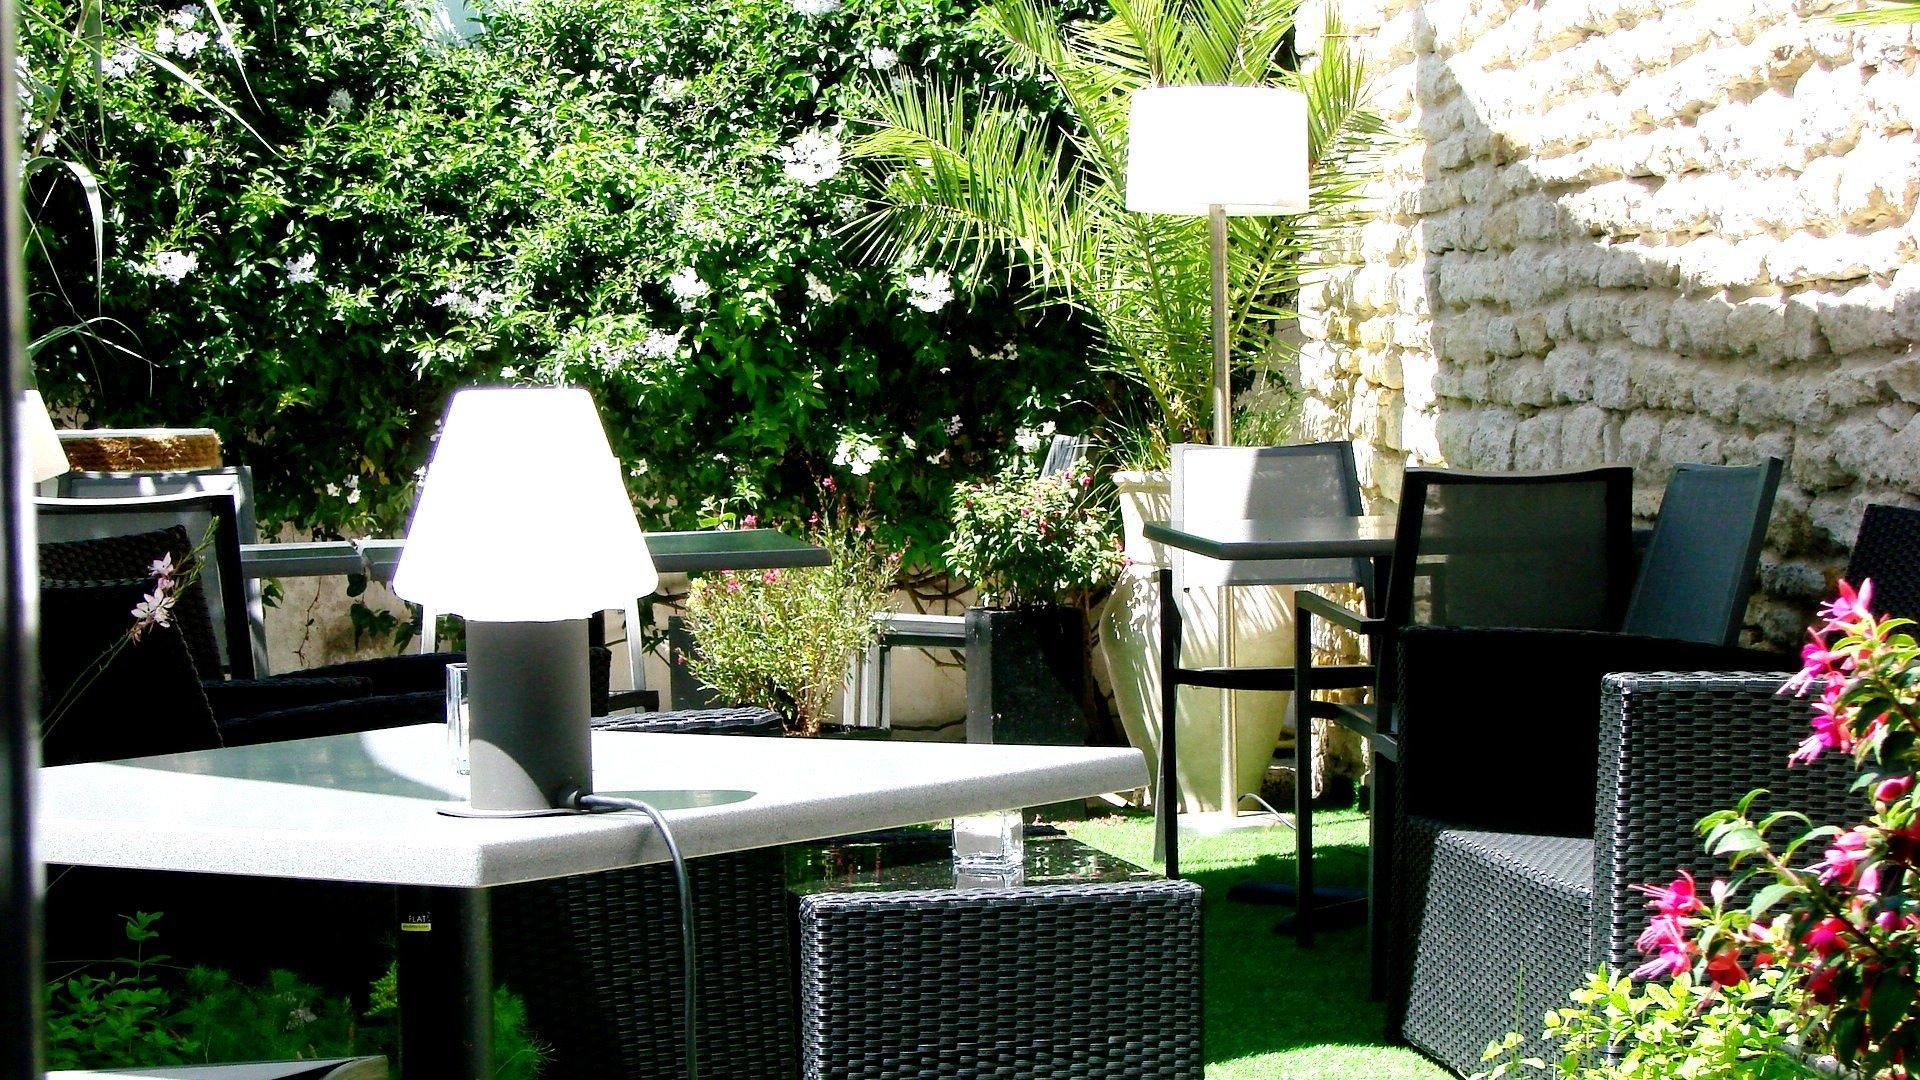 Les jardins d 39 alienor hotel le ch teau d ol ron france voir les tari - Hotel le chateau d oleron ...